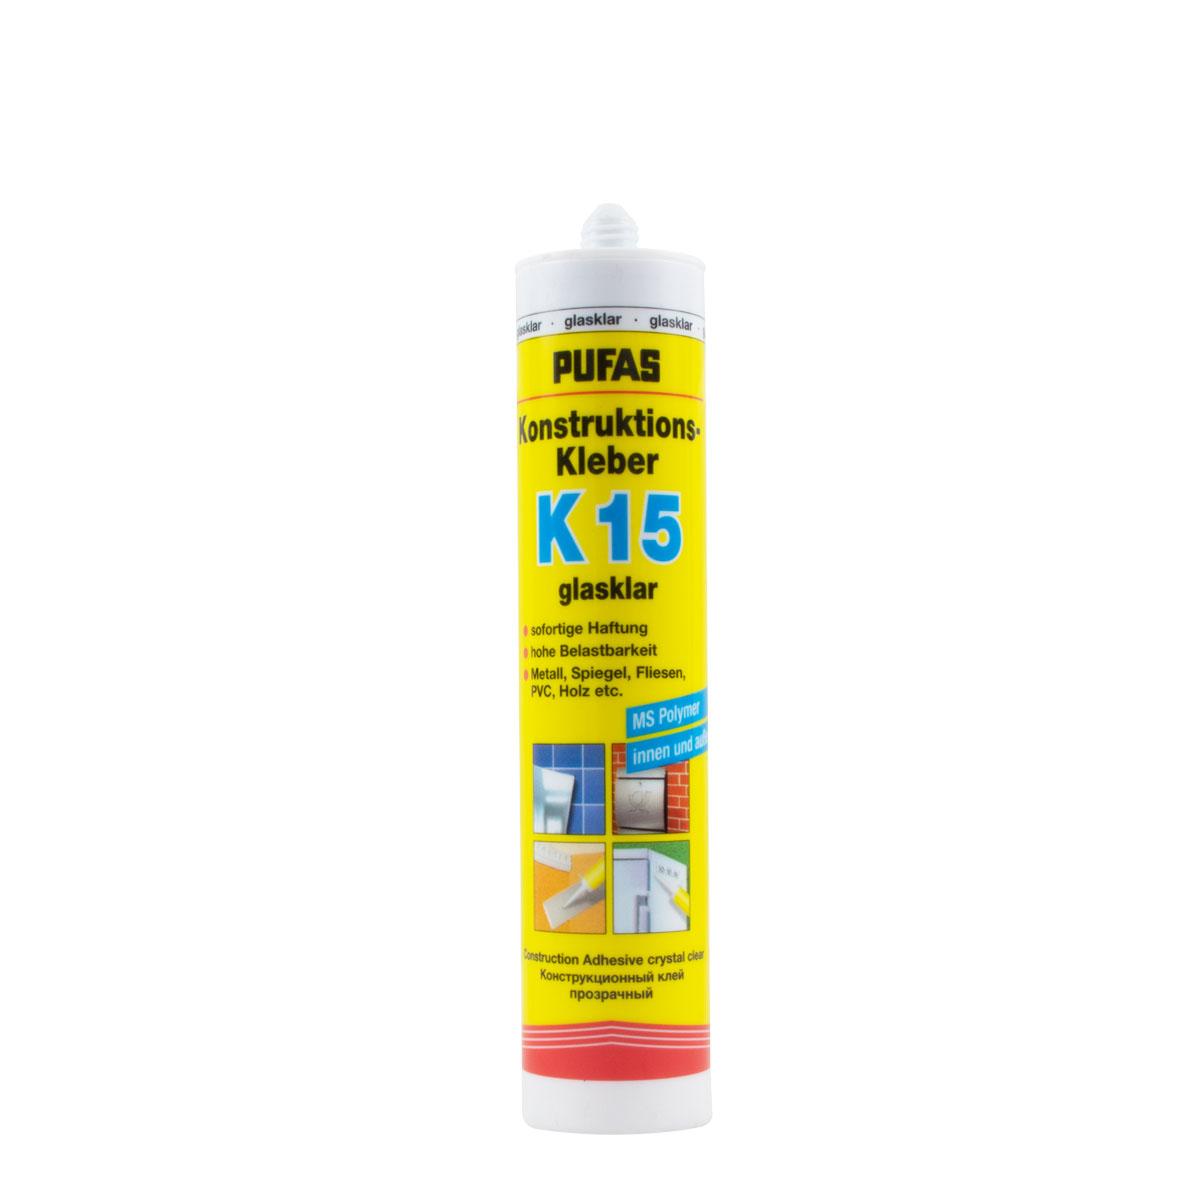 Pufas Konstruktions-Kleber K15 – glasklar